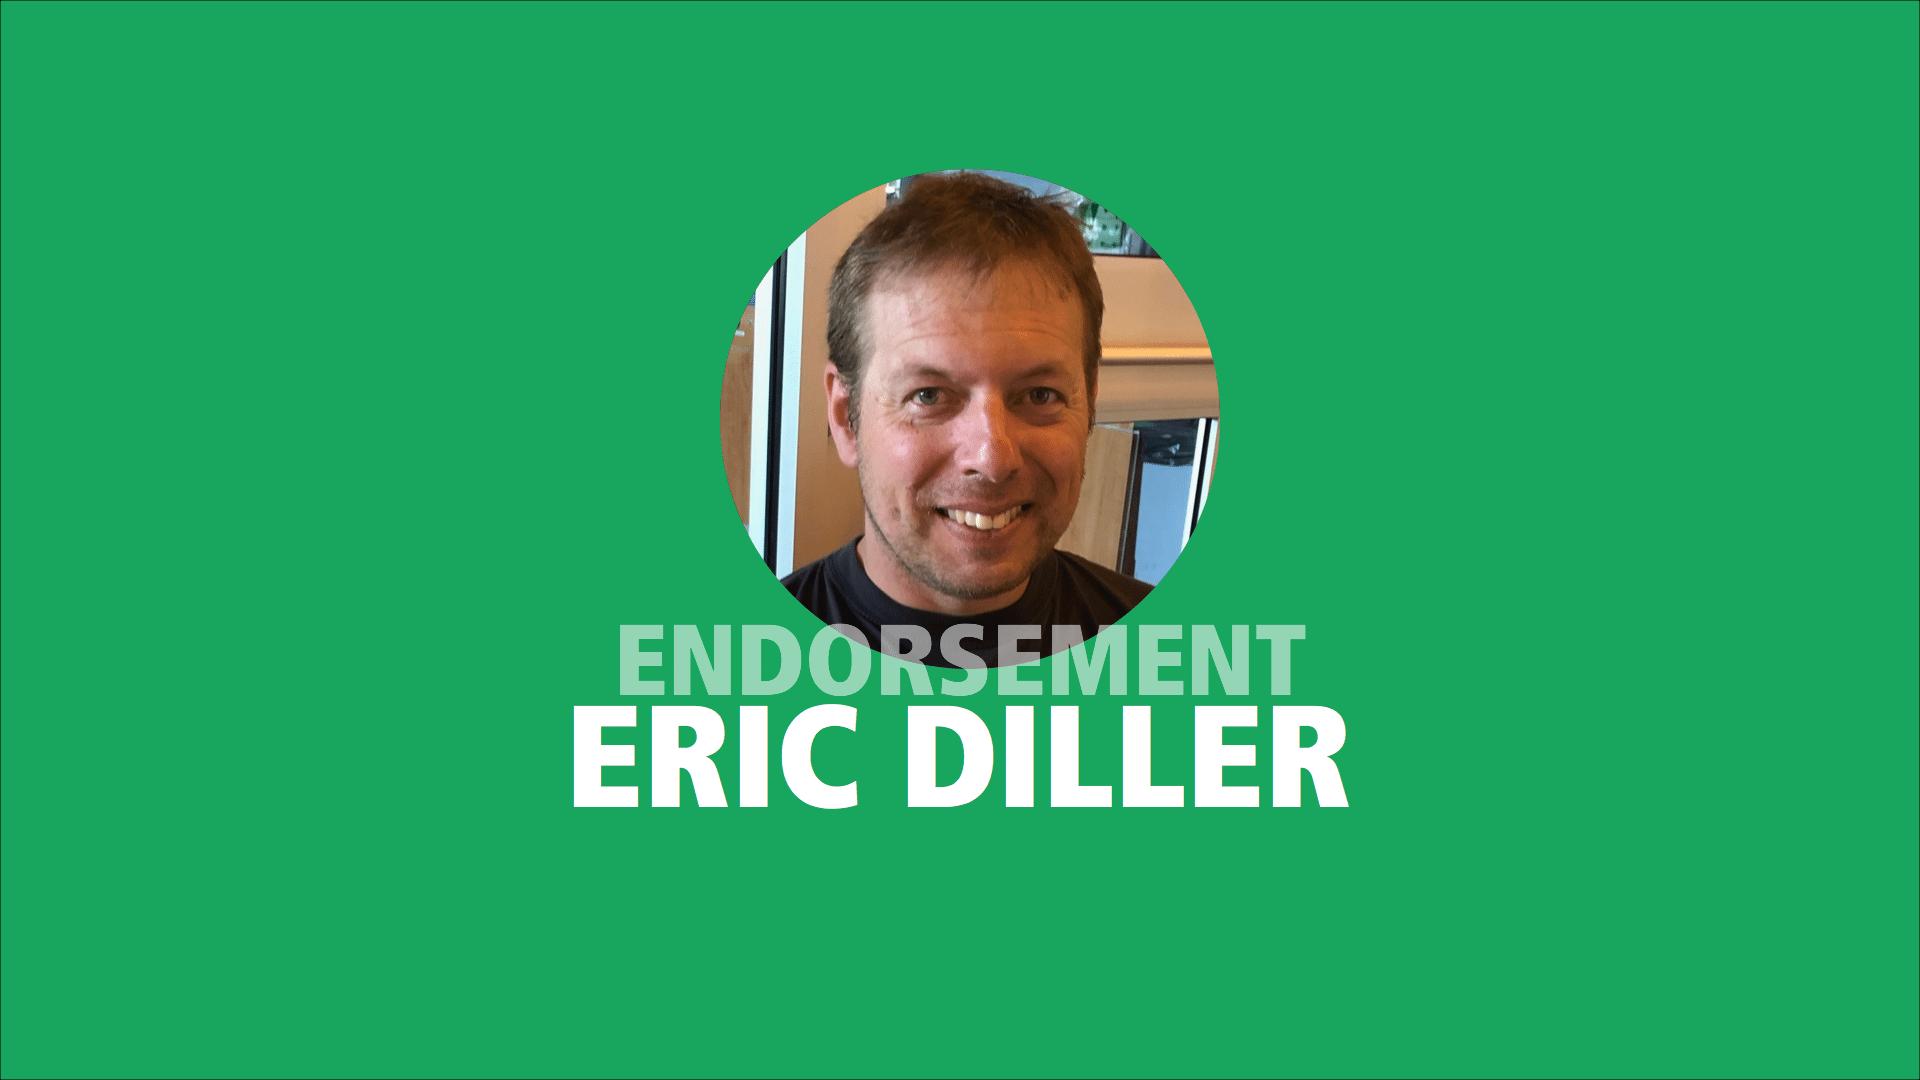 Eric Diller endorses Adam Olsen